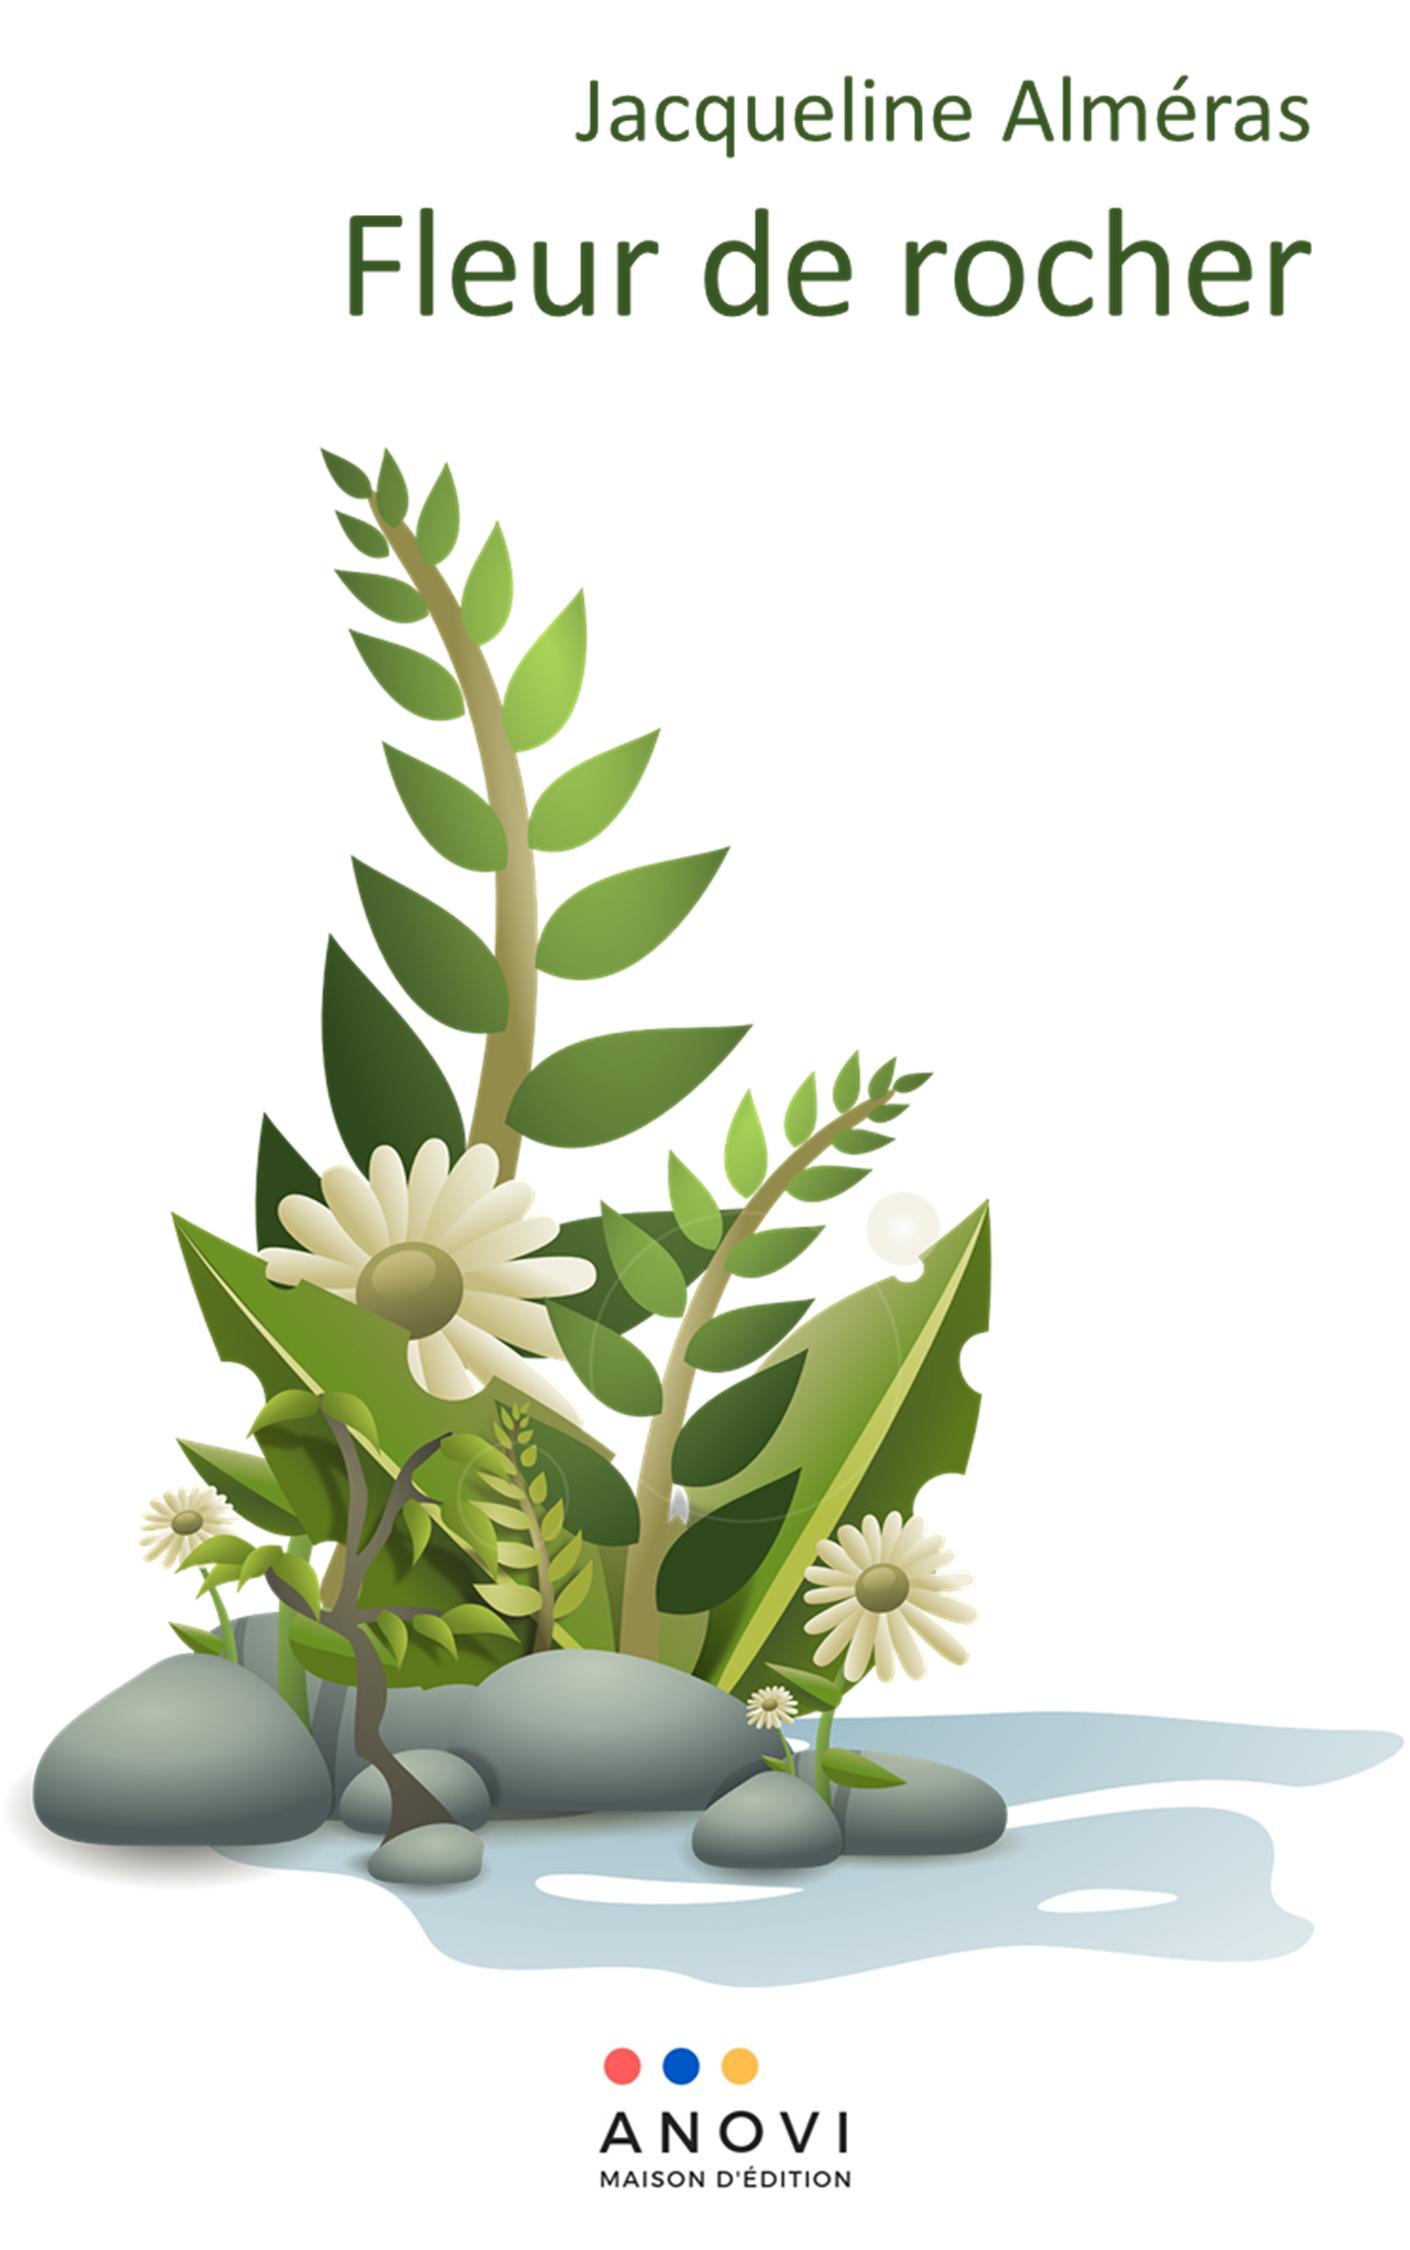 Fleur de rocher Image